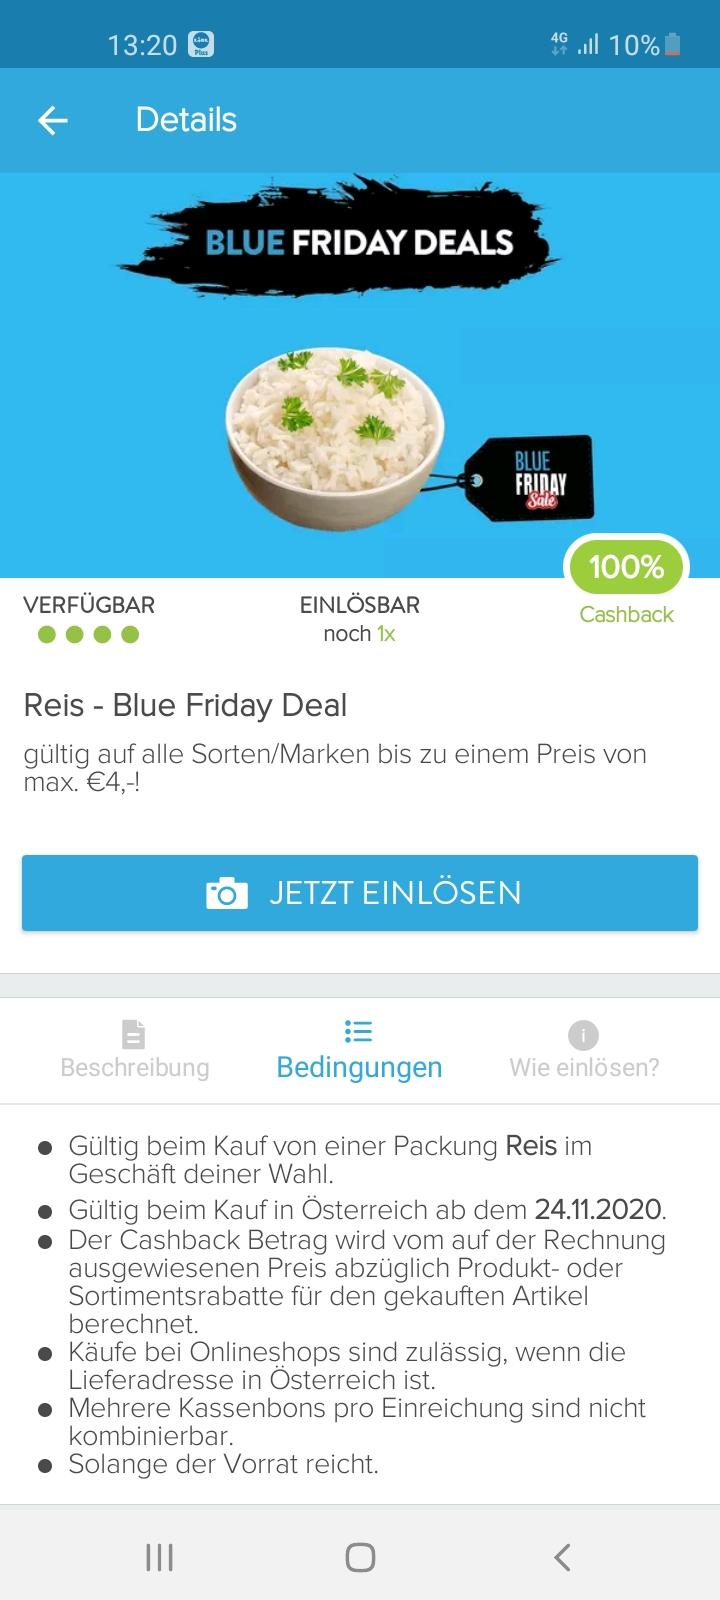 [Marktguru] 100 % Cashback auf Reis mit Promo-Code @ Blueweek